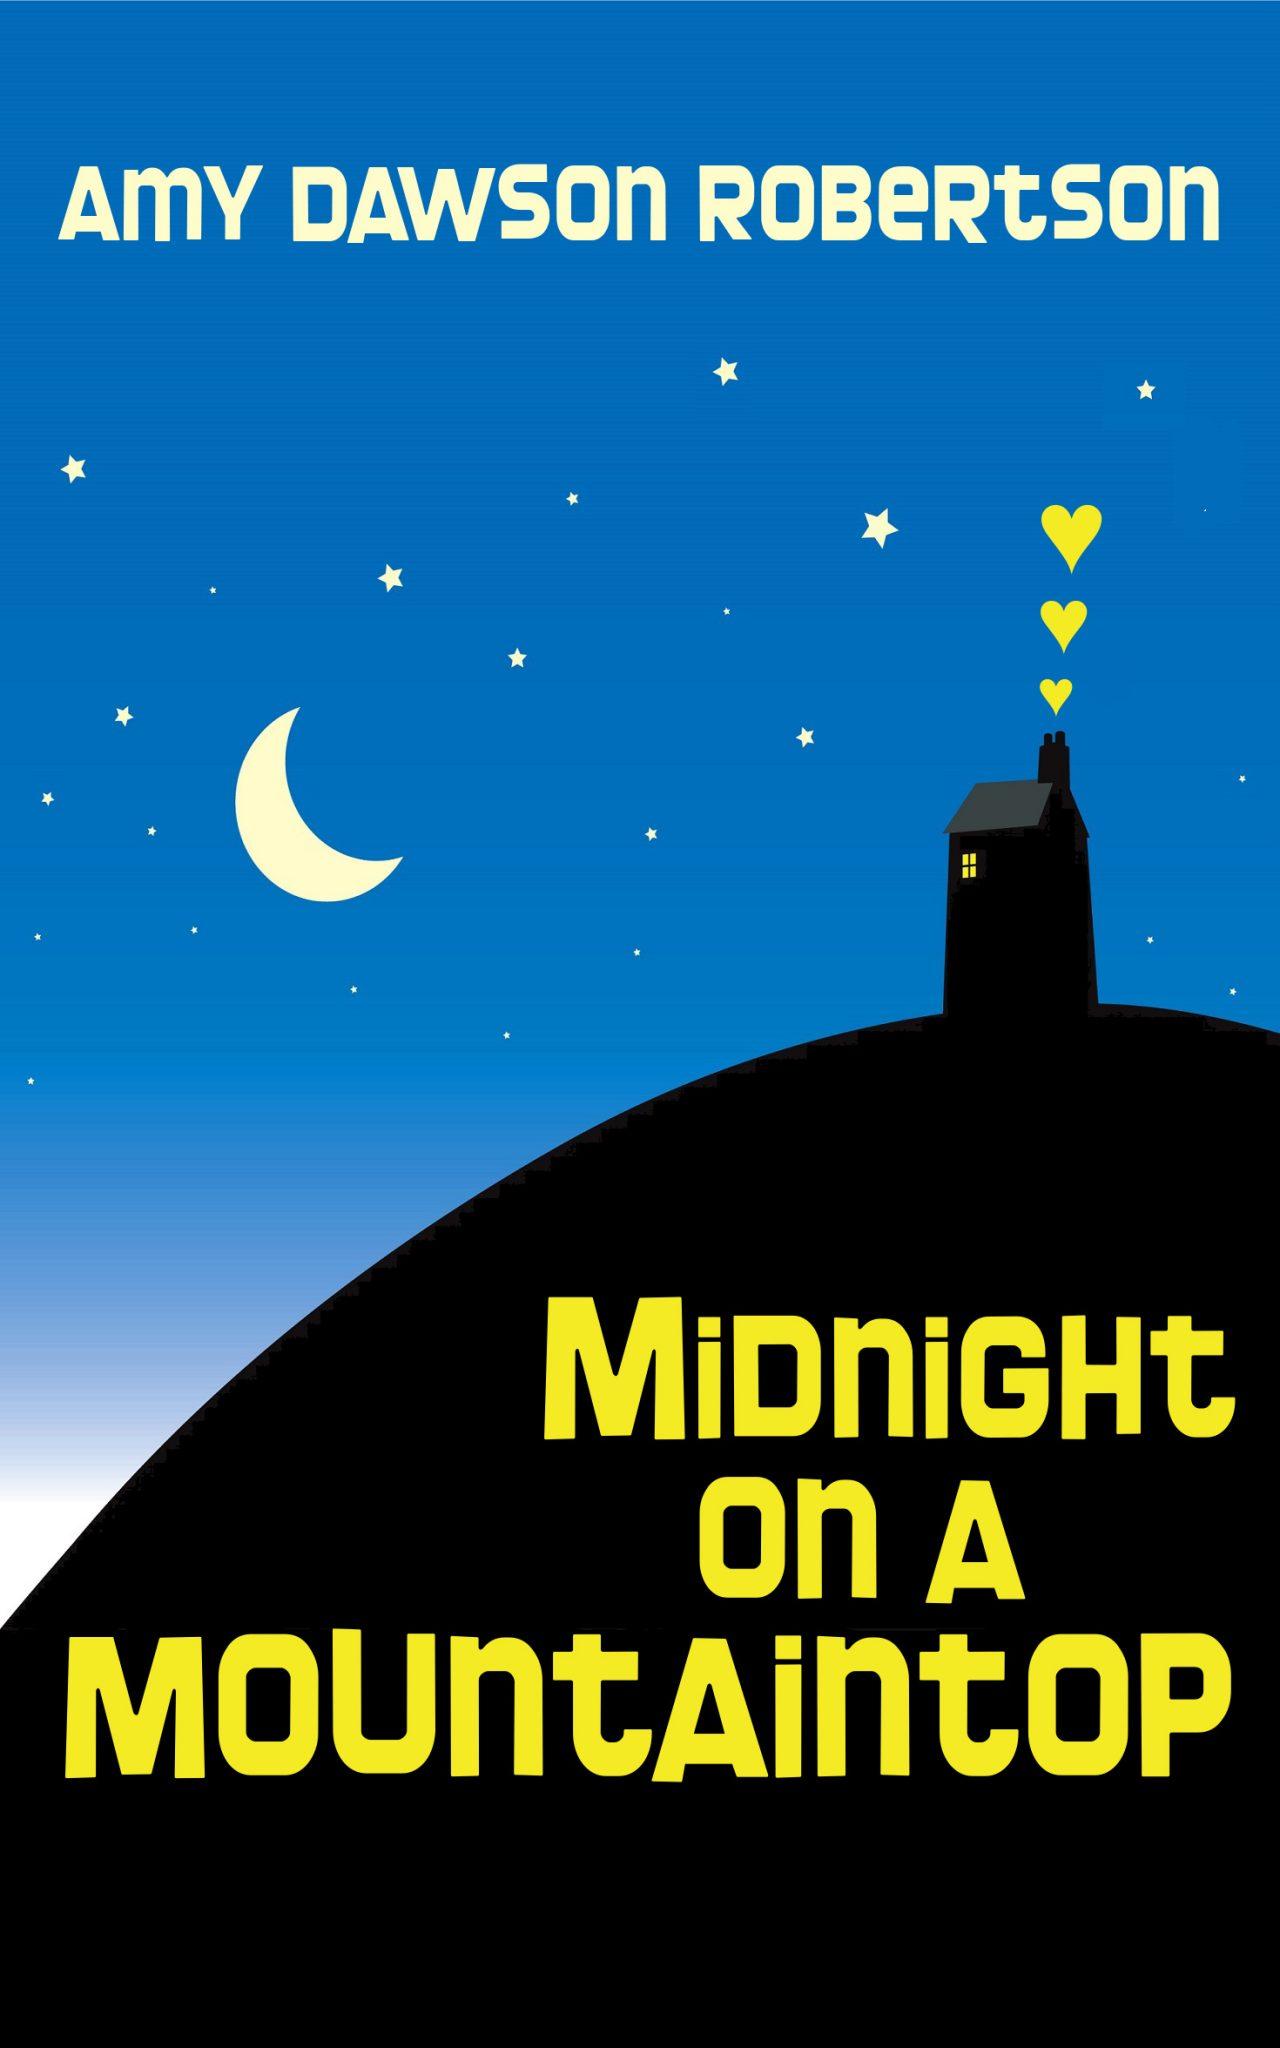 midnightonamountaintop